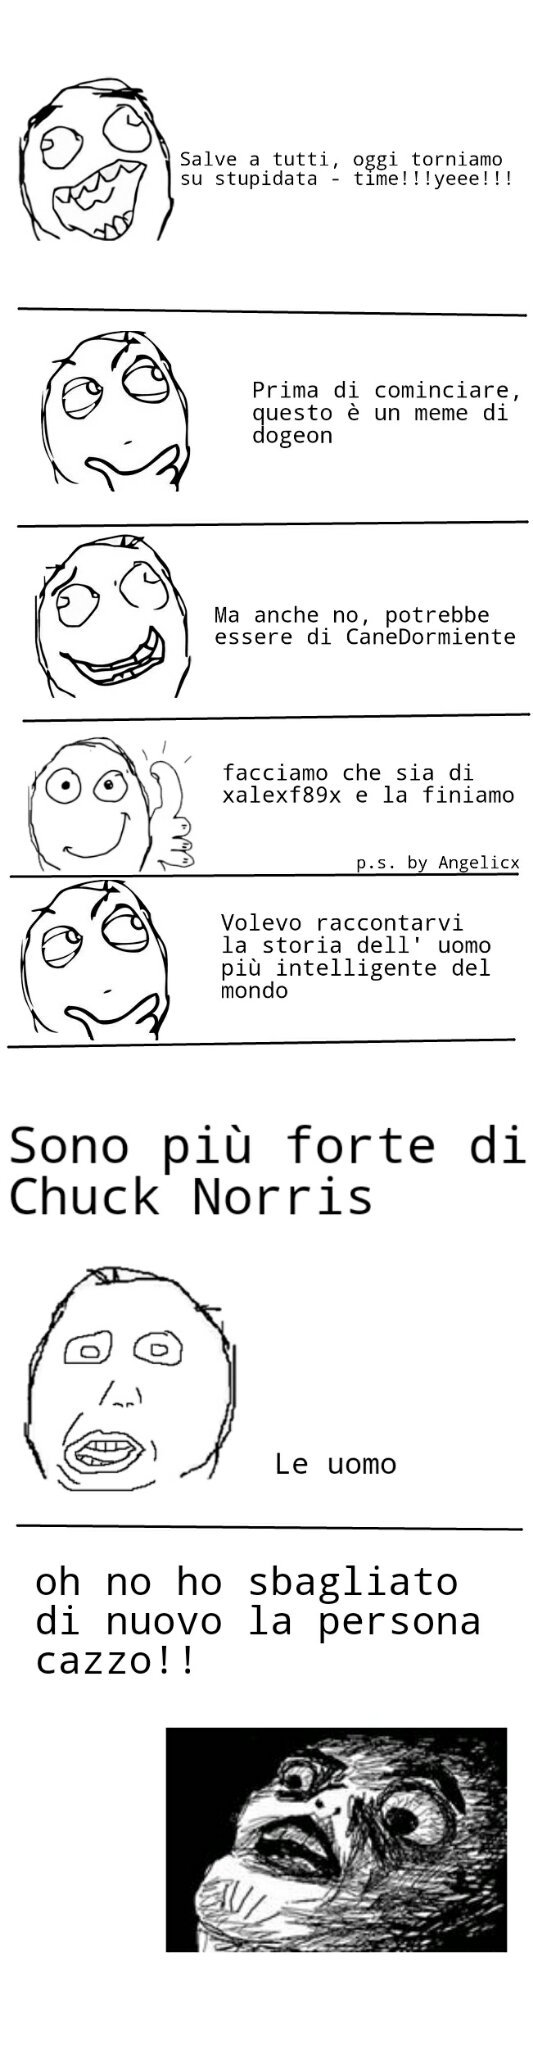 Ciaoooo - meme